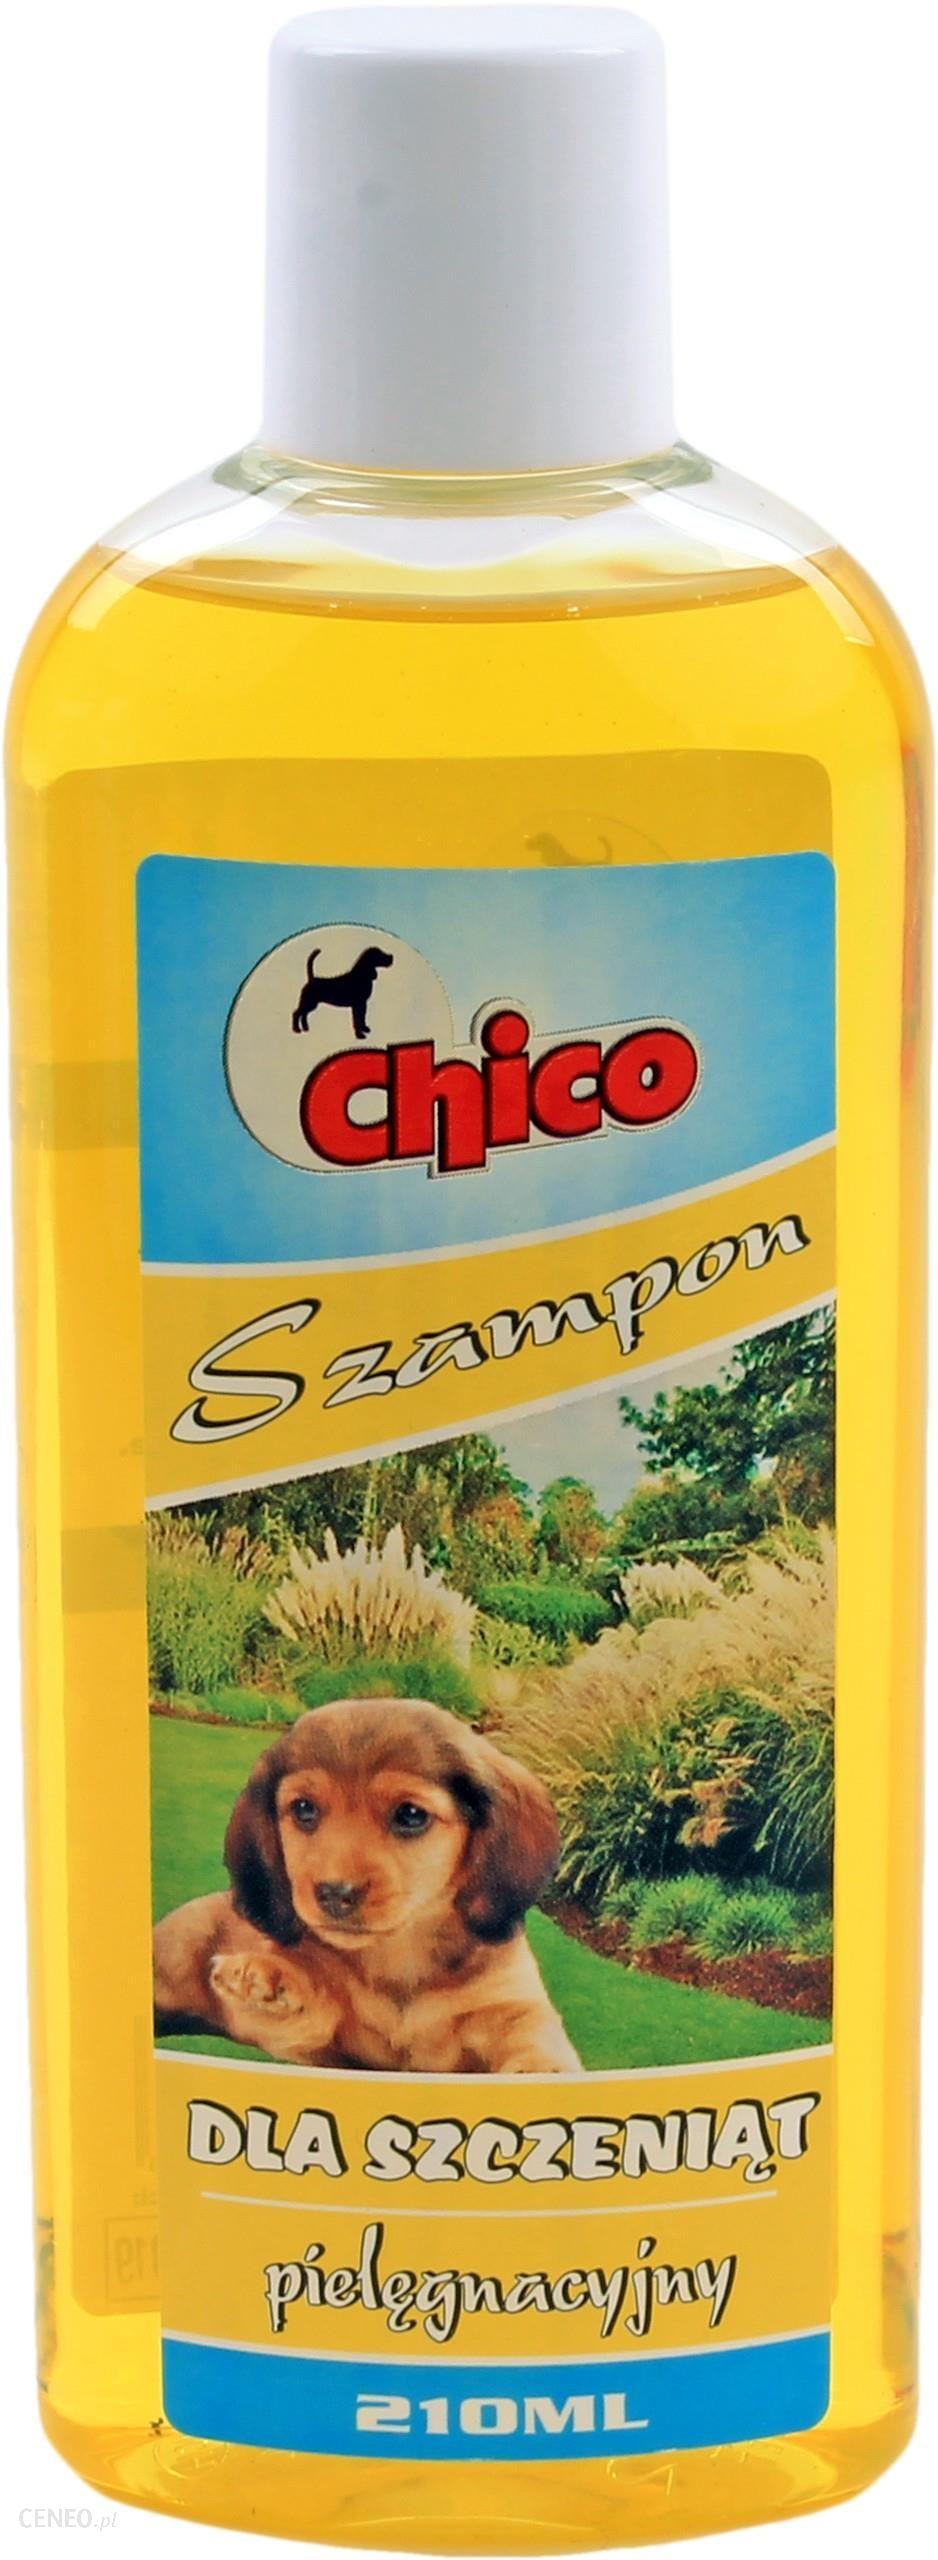 Chico Szampon Pielęgnacyjny dla szczeniąt 210ml